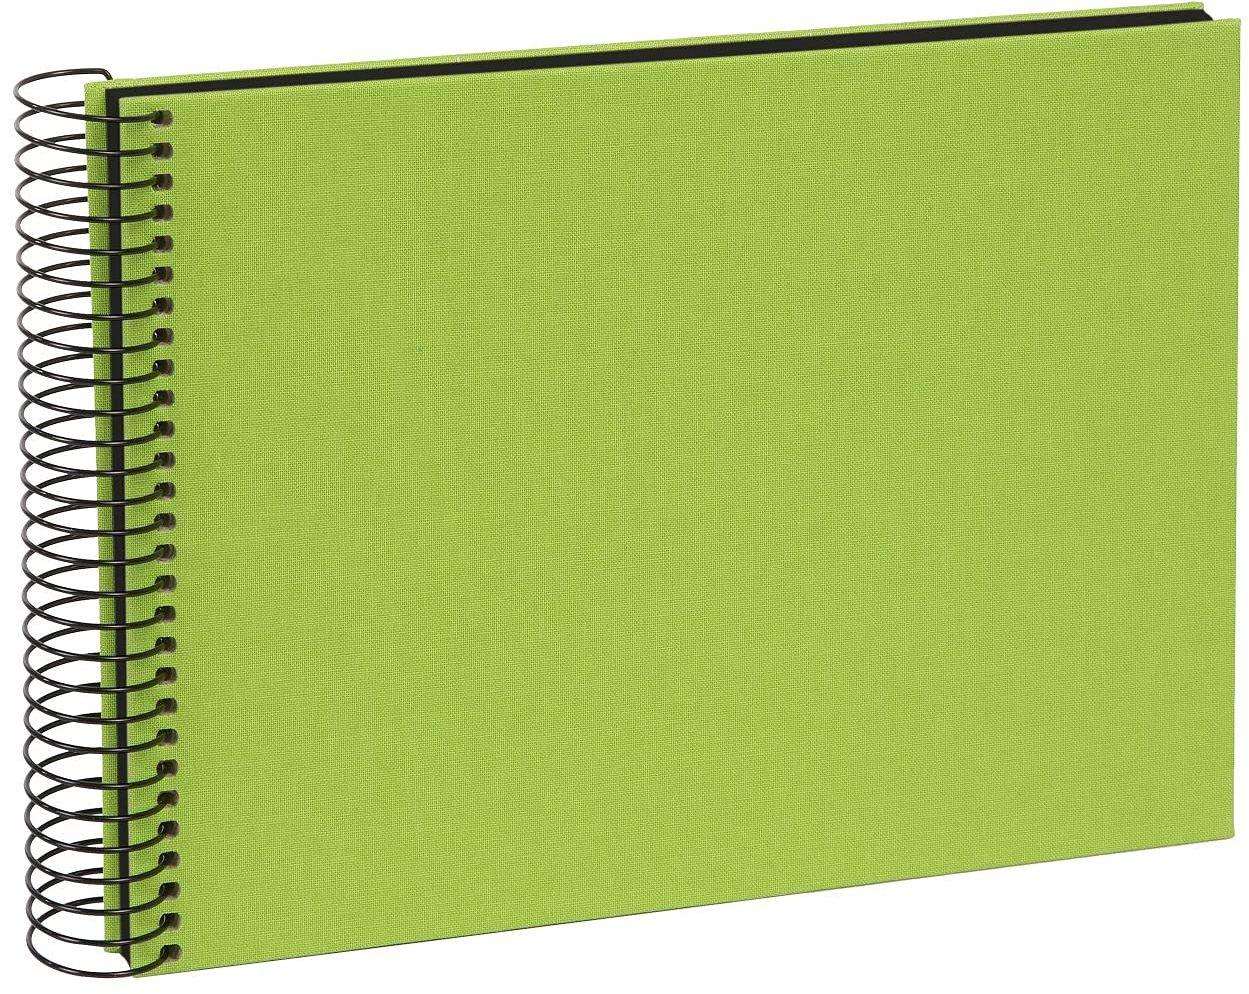 goldbuch 20962 album spiralny Bella Vista, album fotograficzny 24 x 17 cm, album fotograficzny z 40 czarnymi stronami, album na wspomnienia z lnu, fotoksiążka do wklejania, zielony